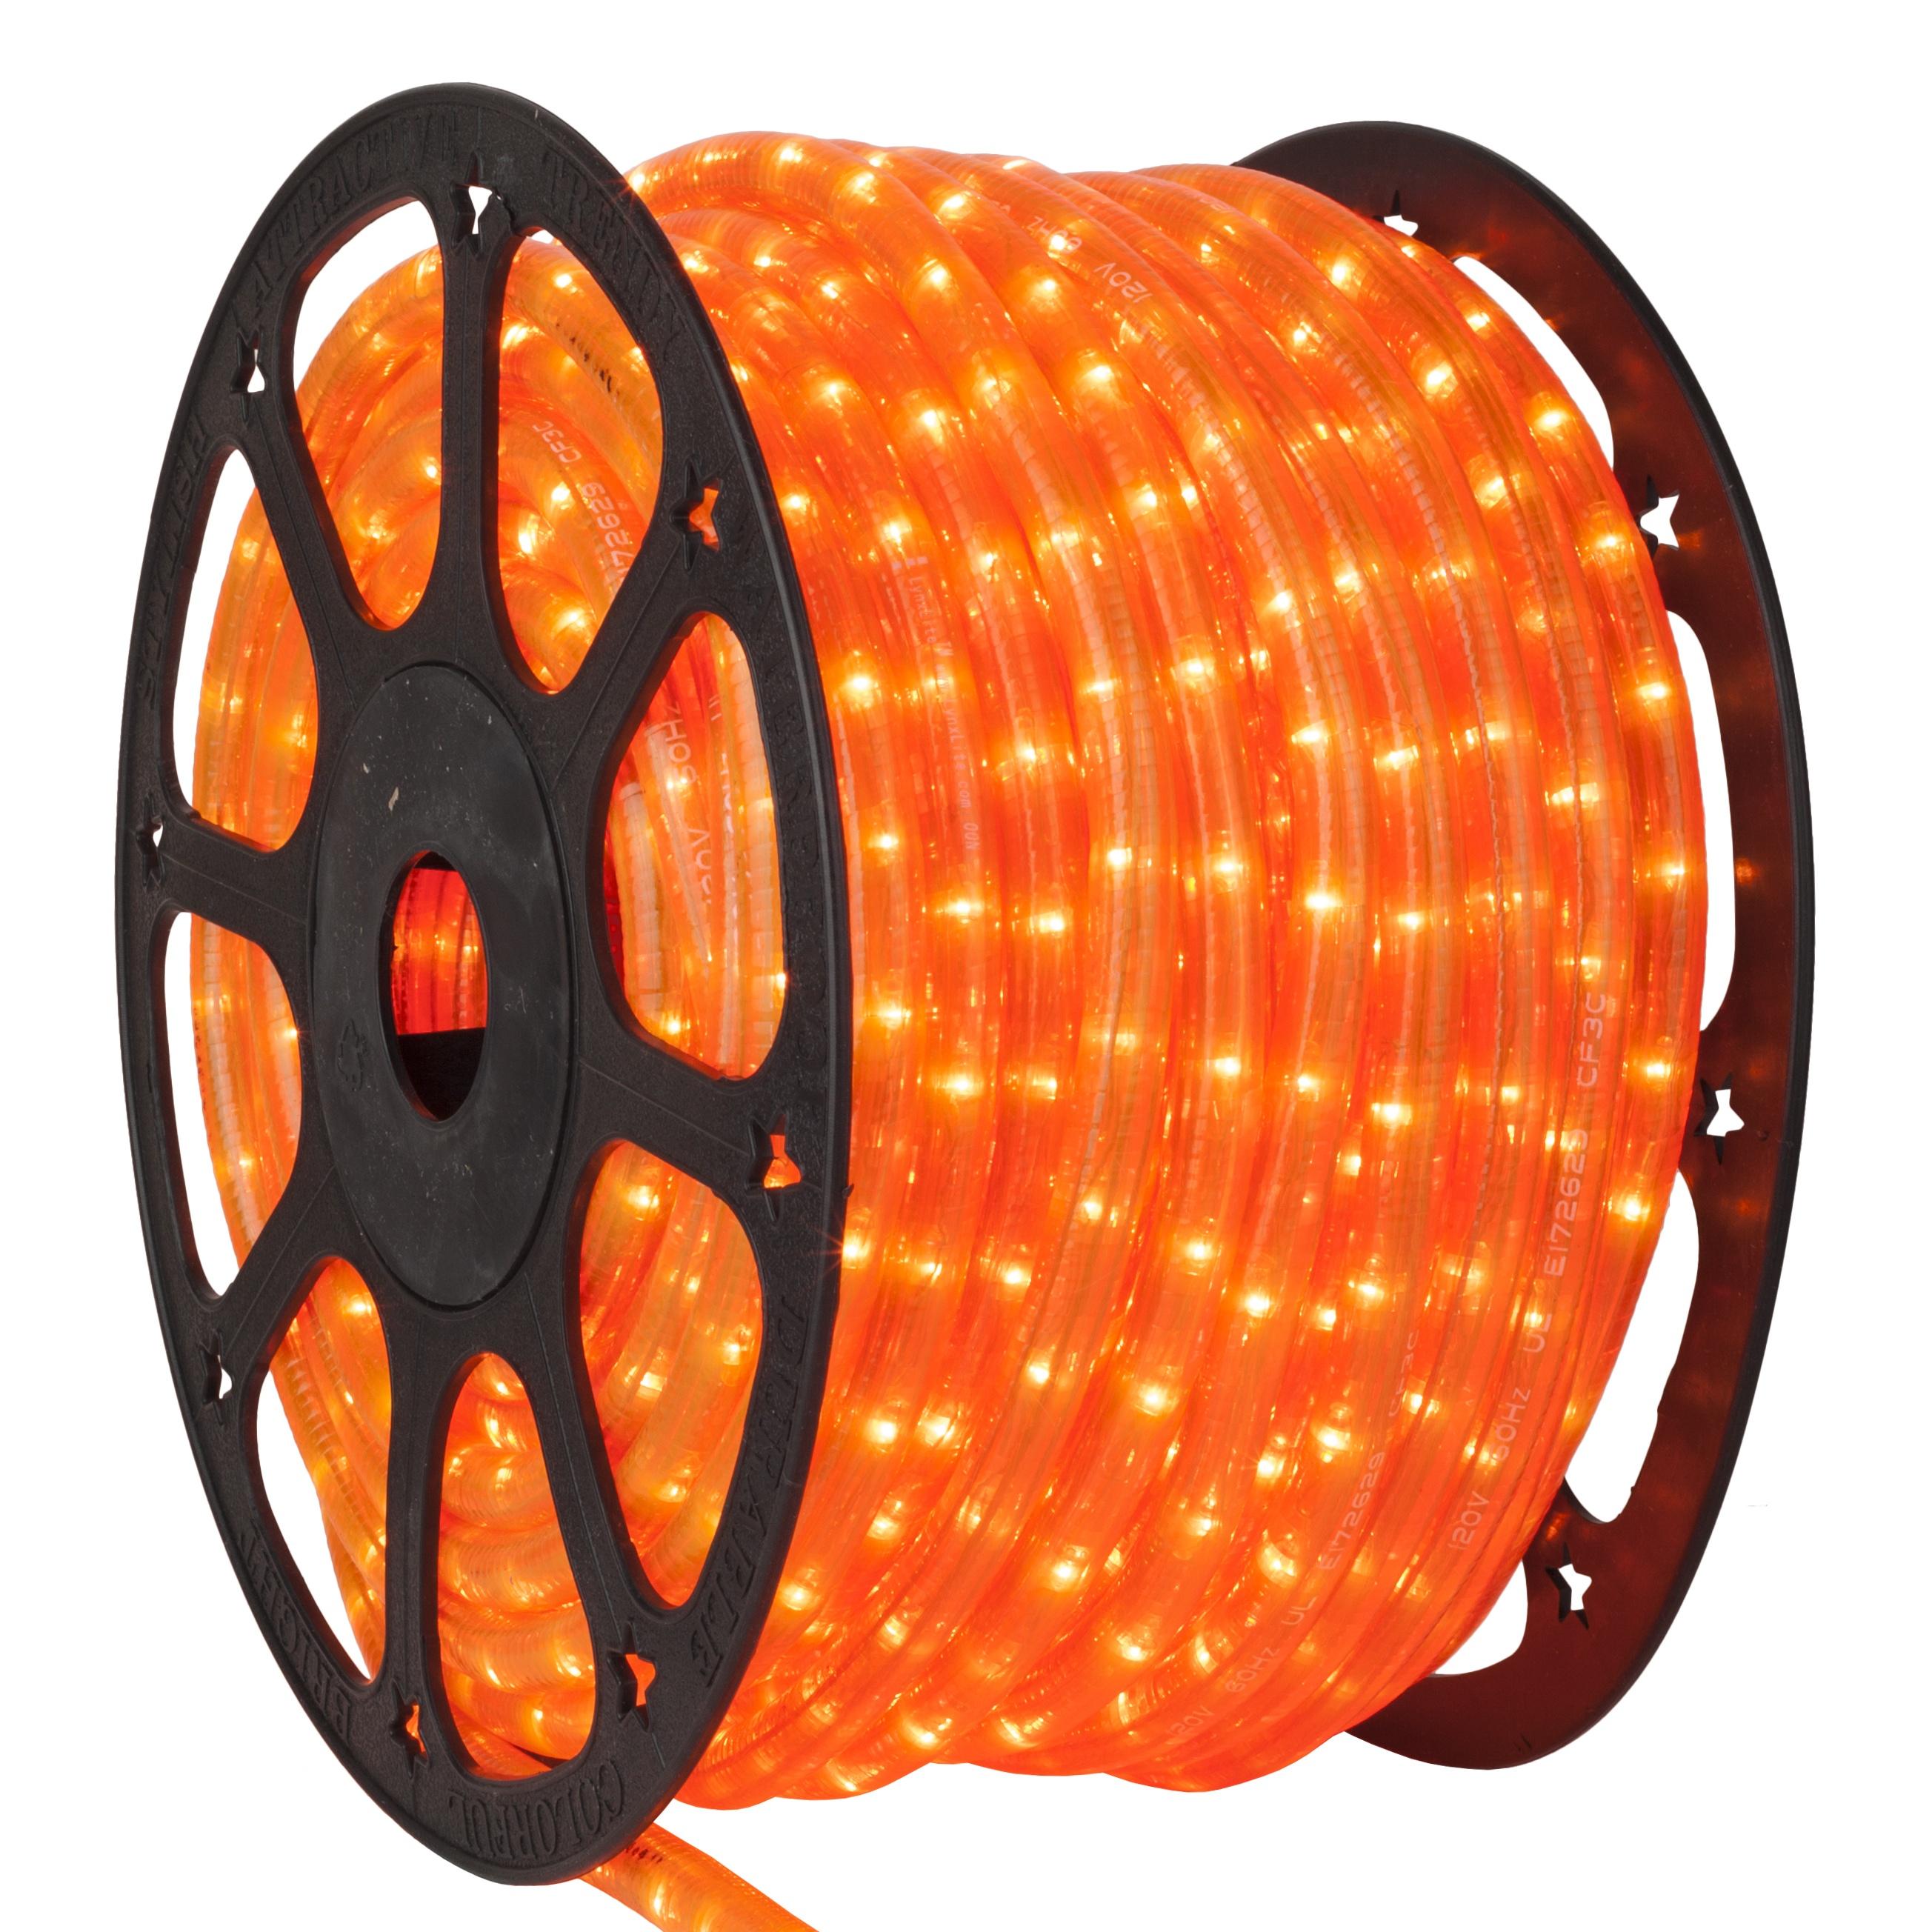 Fluorescent Orange Rope Lights, 120 Volt